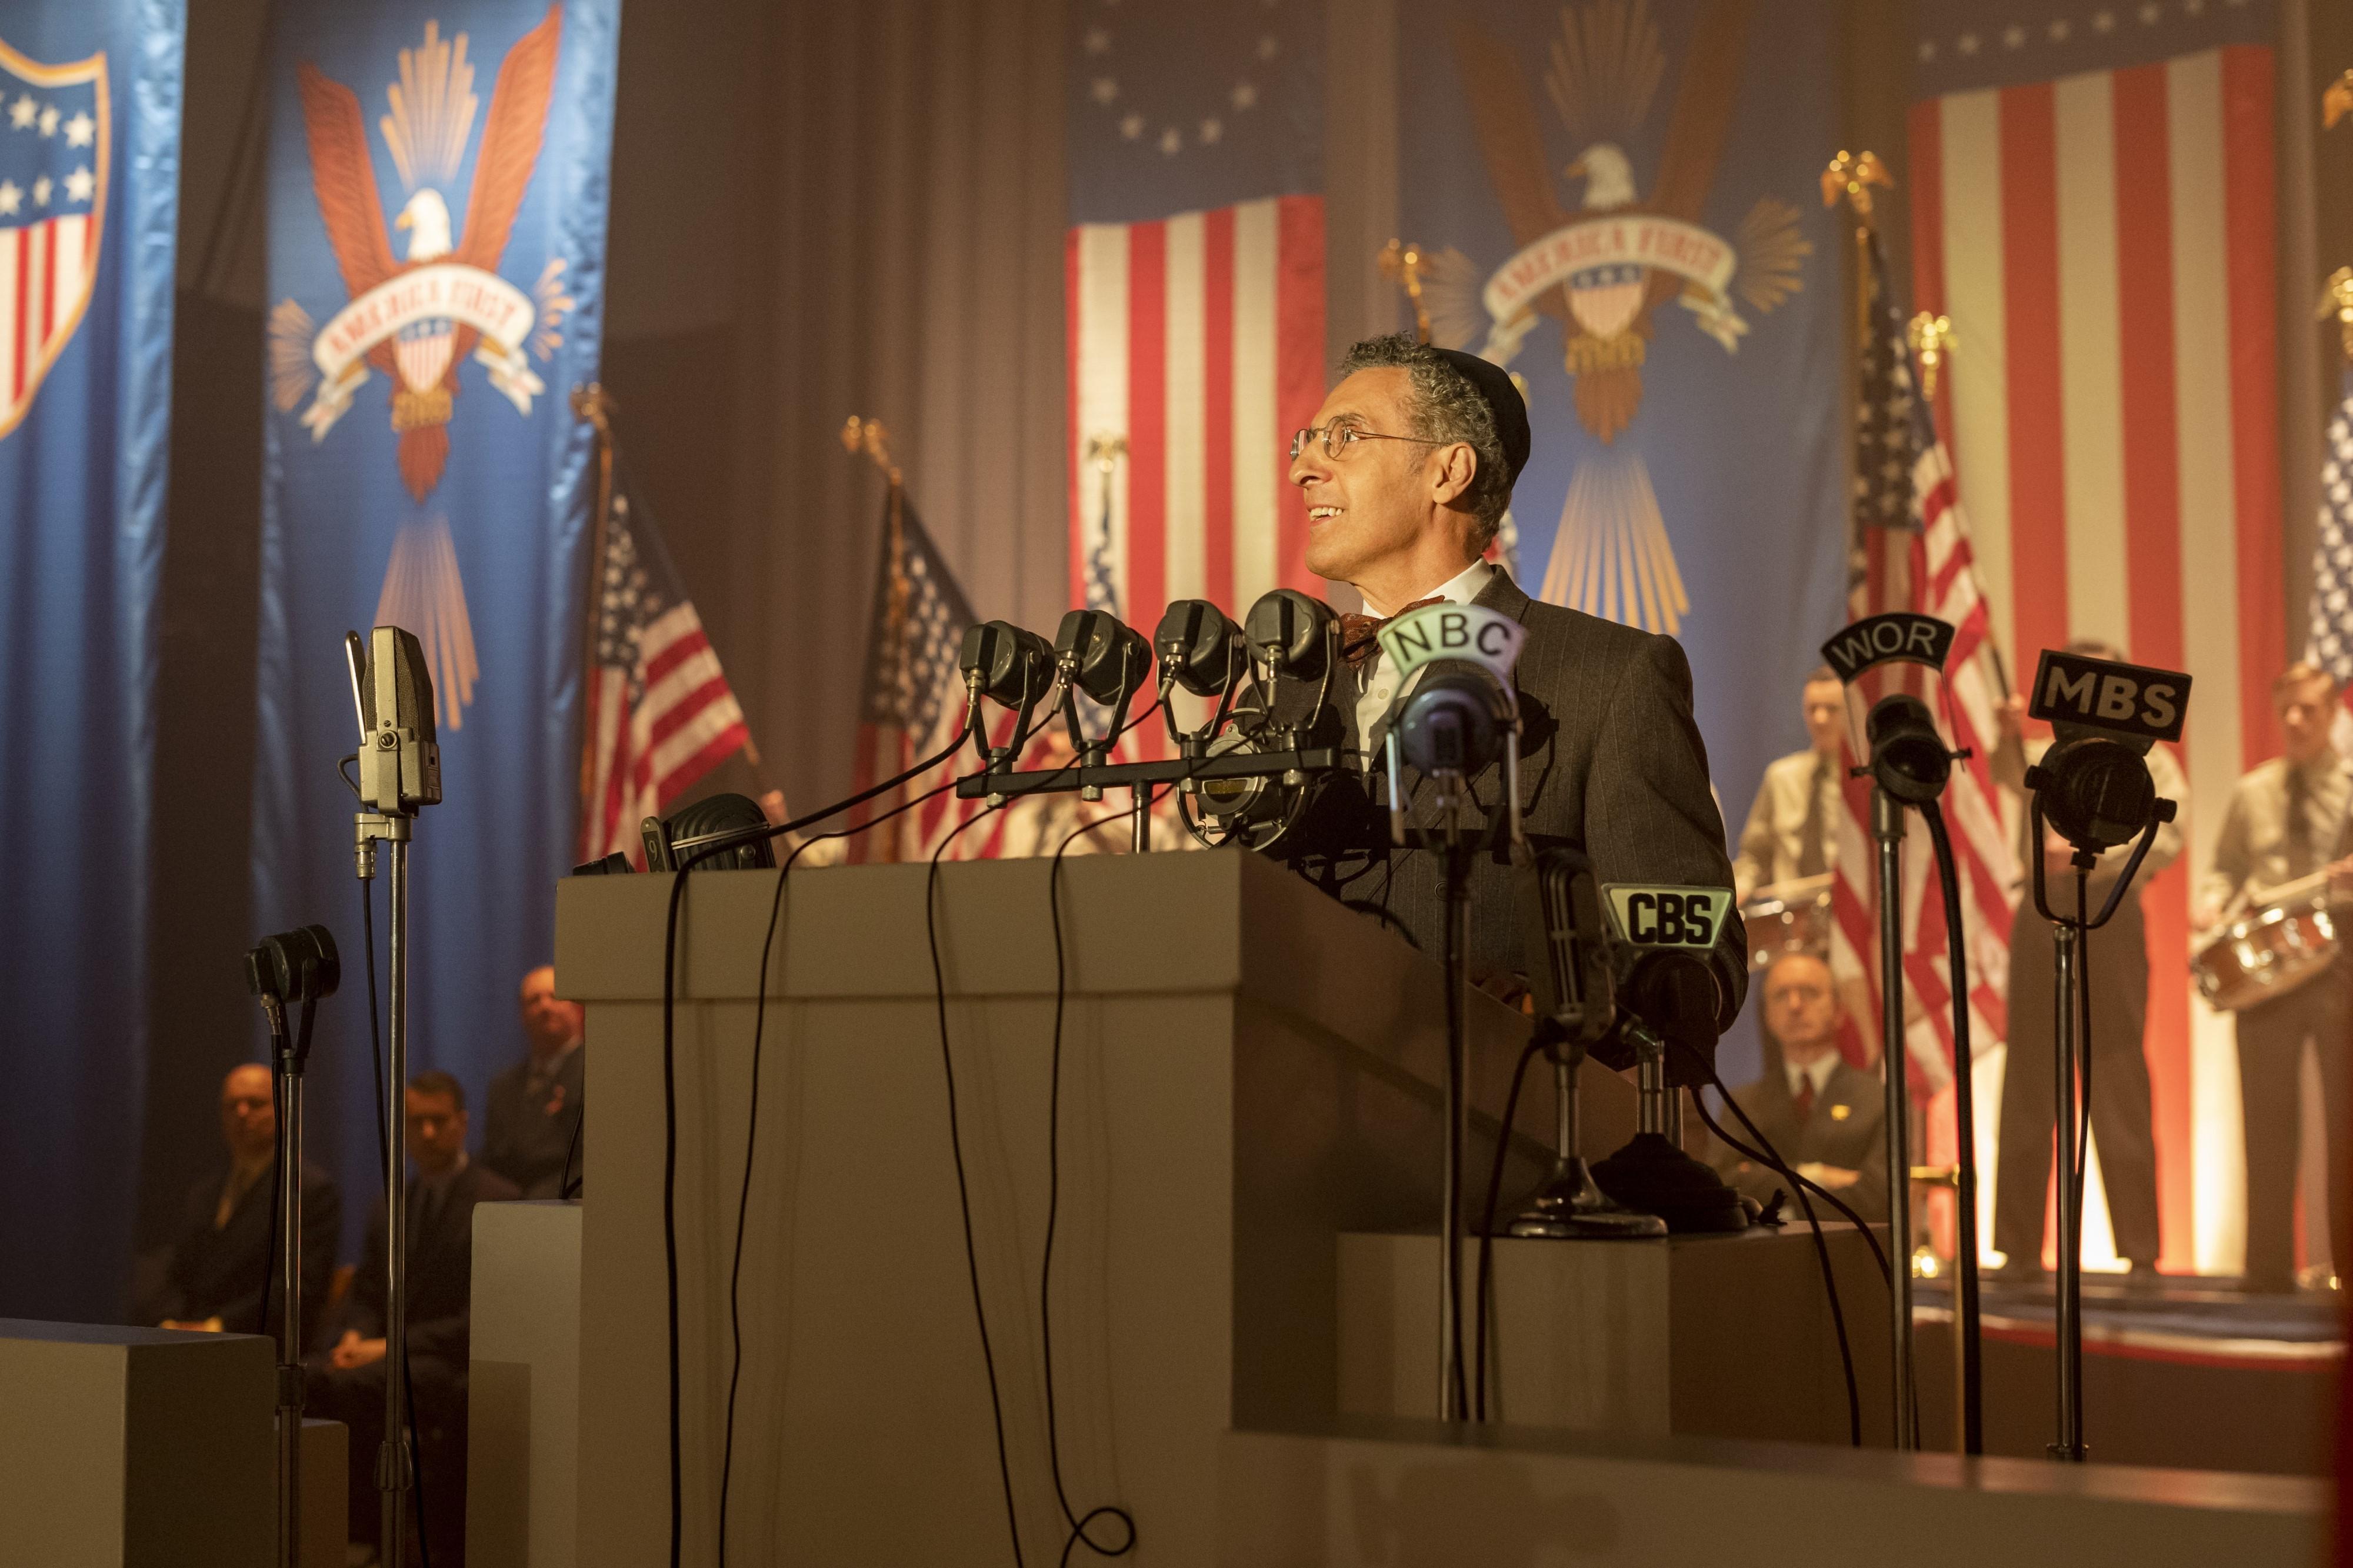 HBO's The Plot Against America Trailer Released